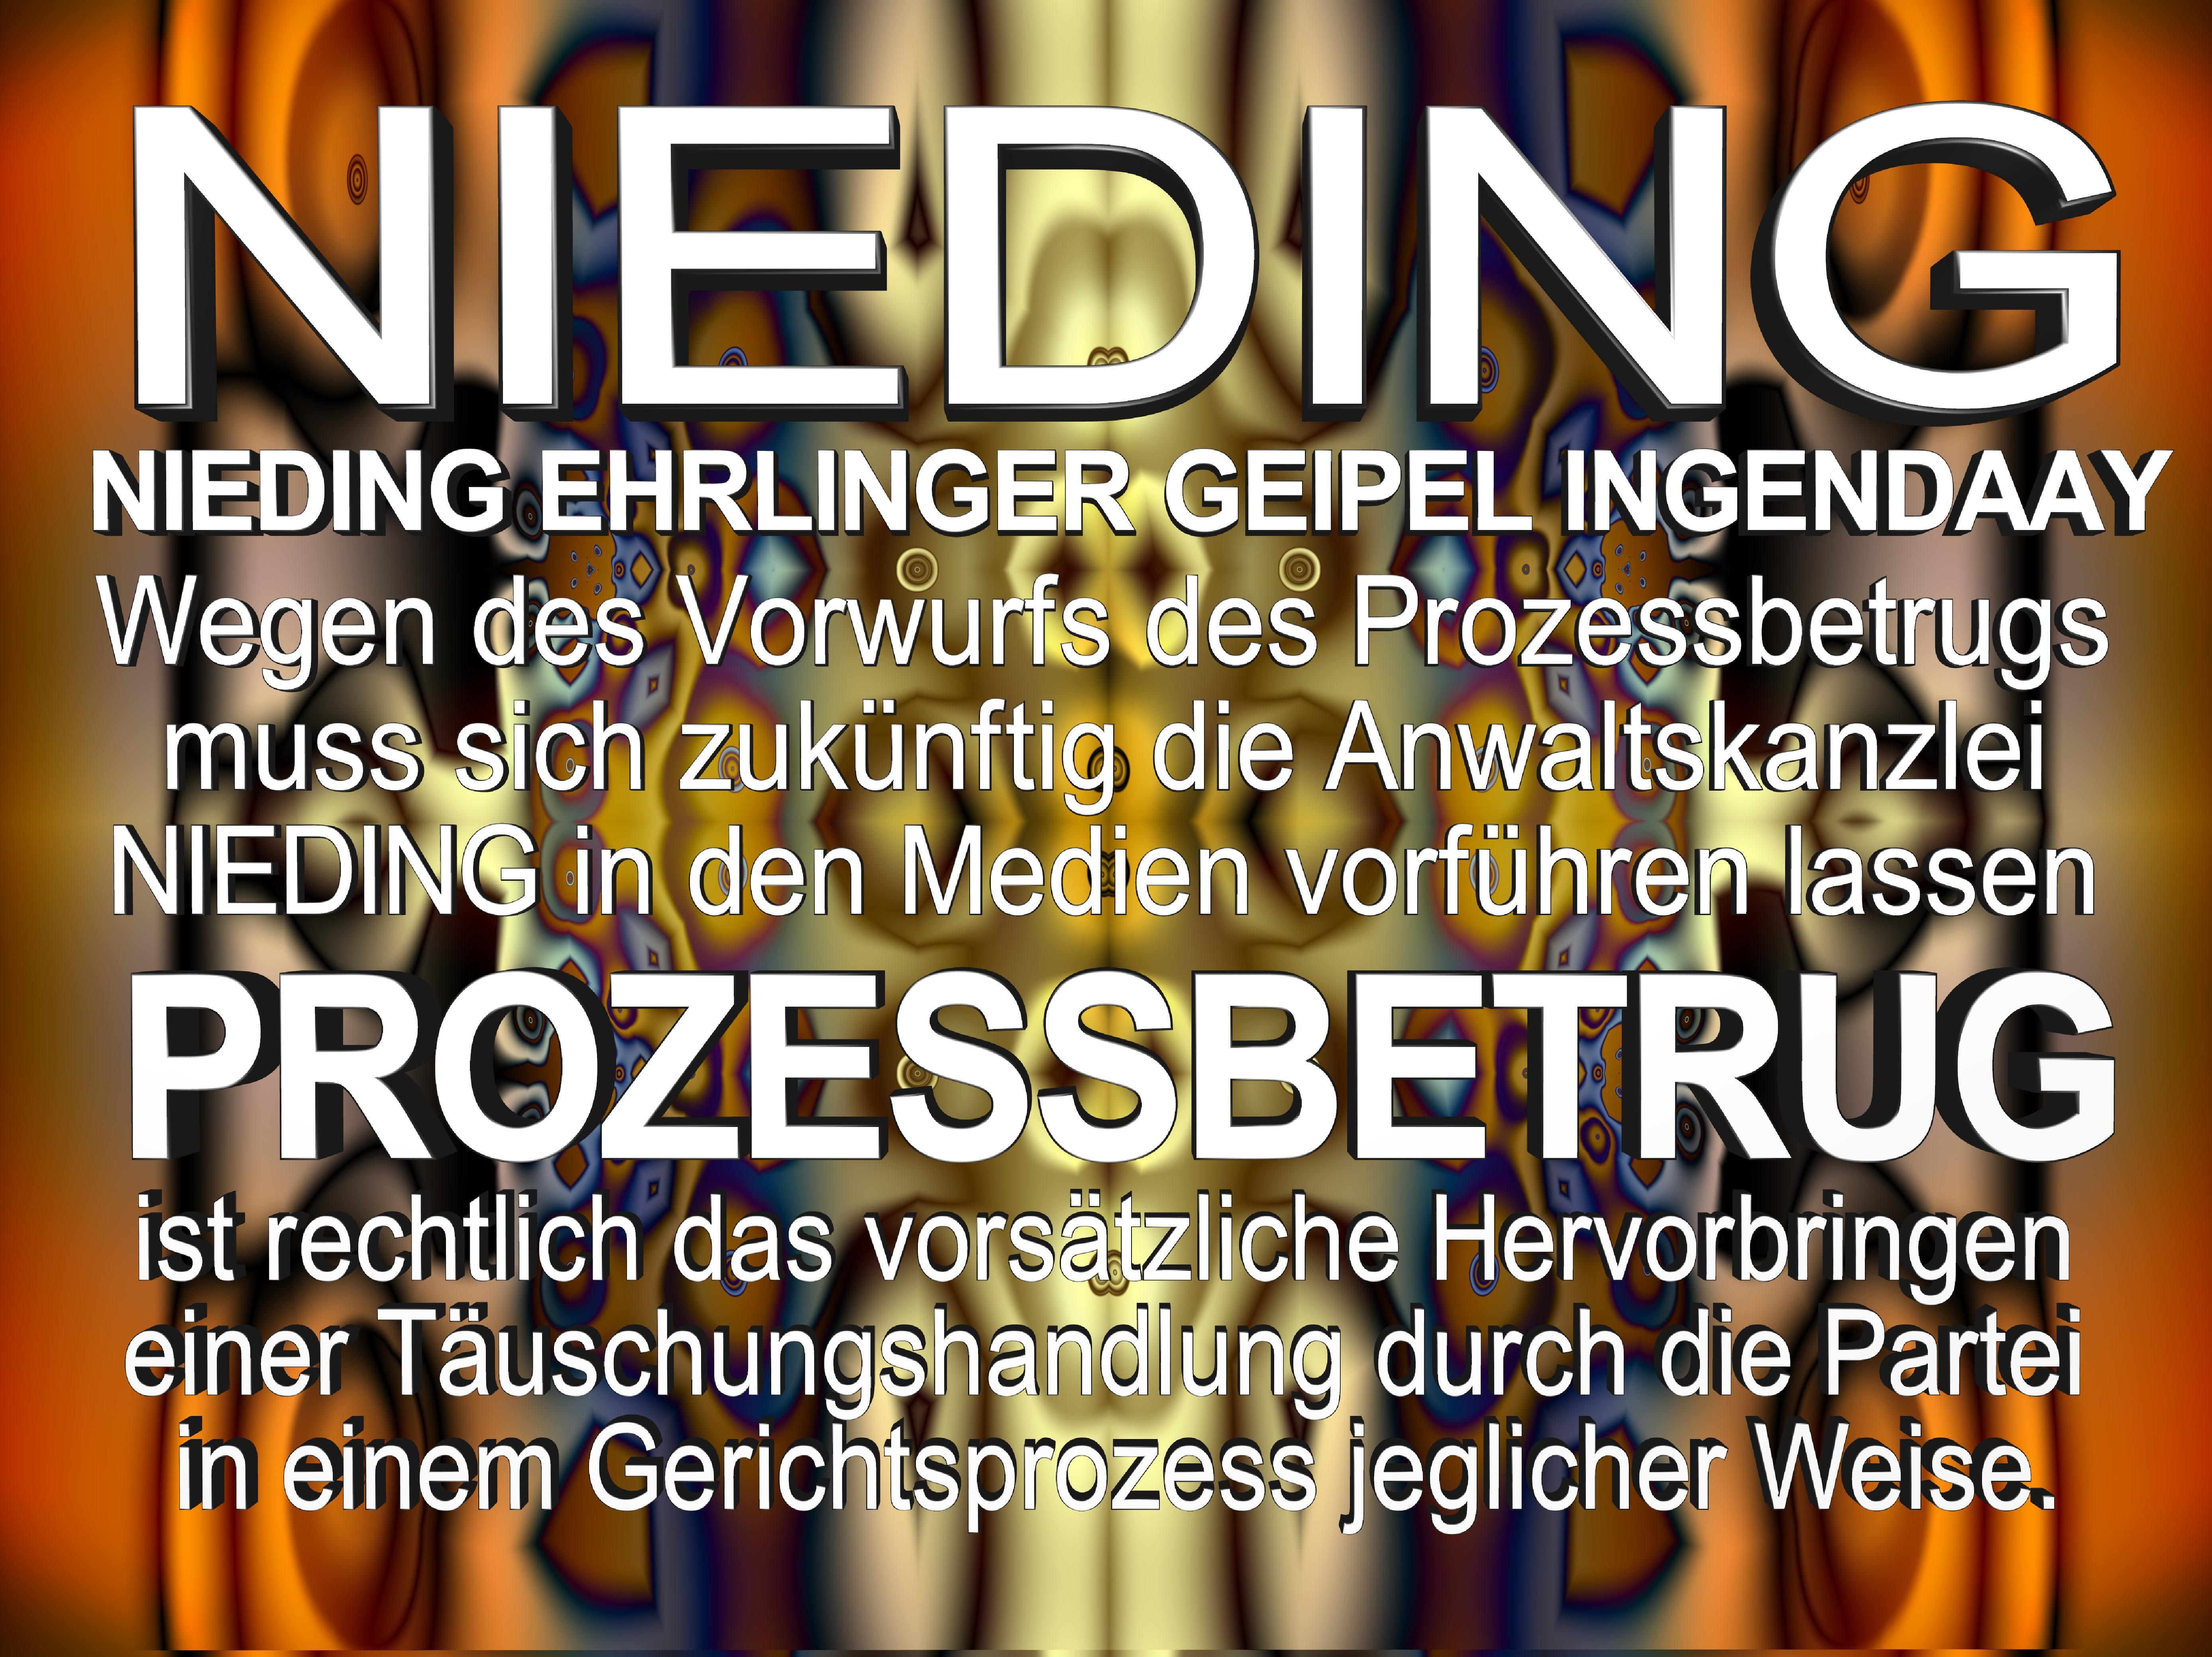 NIEDING EHRLINGER GEIPEL INGENDAAY LELKE Kurfürstendamm 66 Berlin (160)